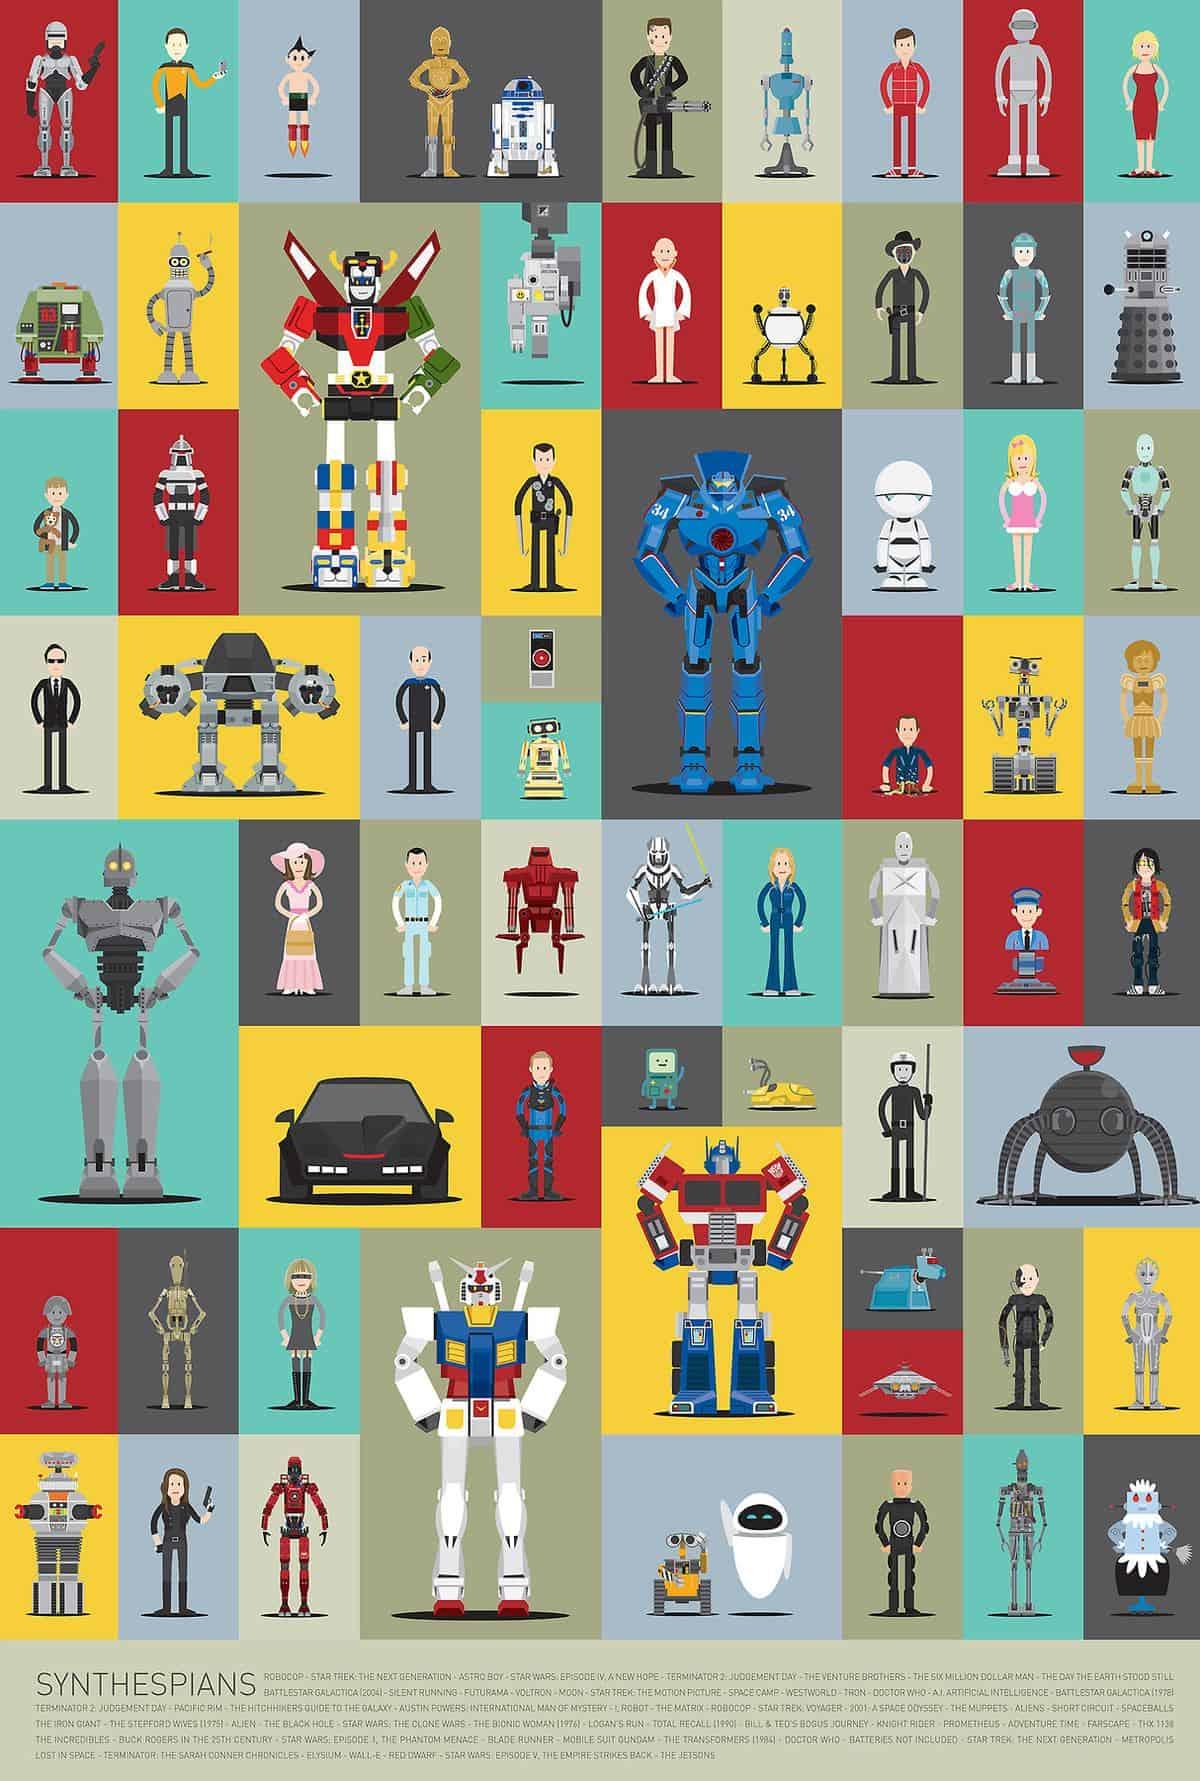 66 berühmte künstliche Charaktere aus Film und Fernsehen